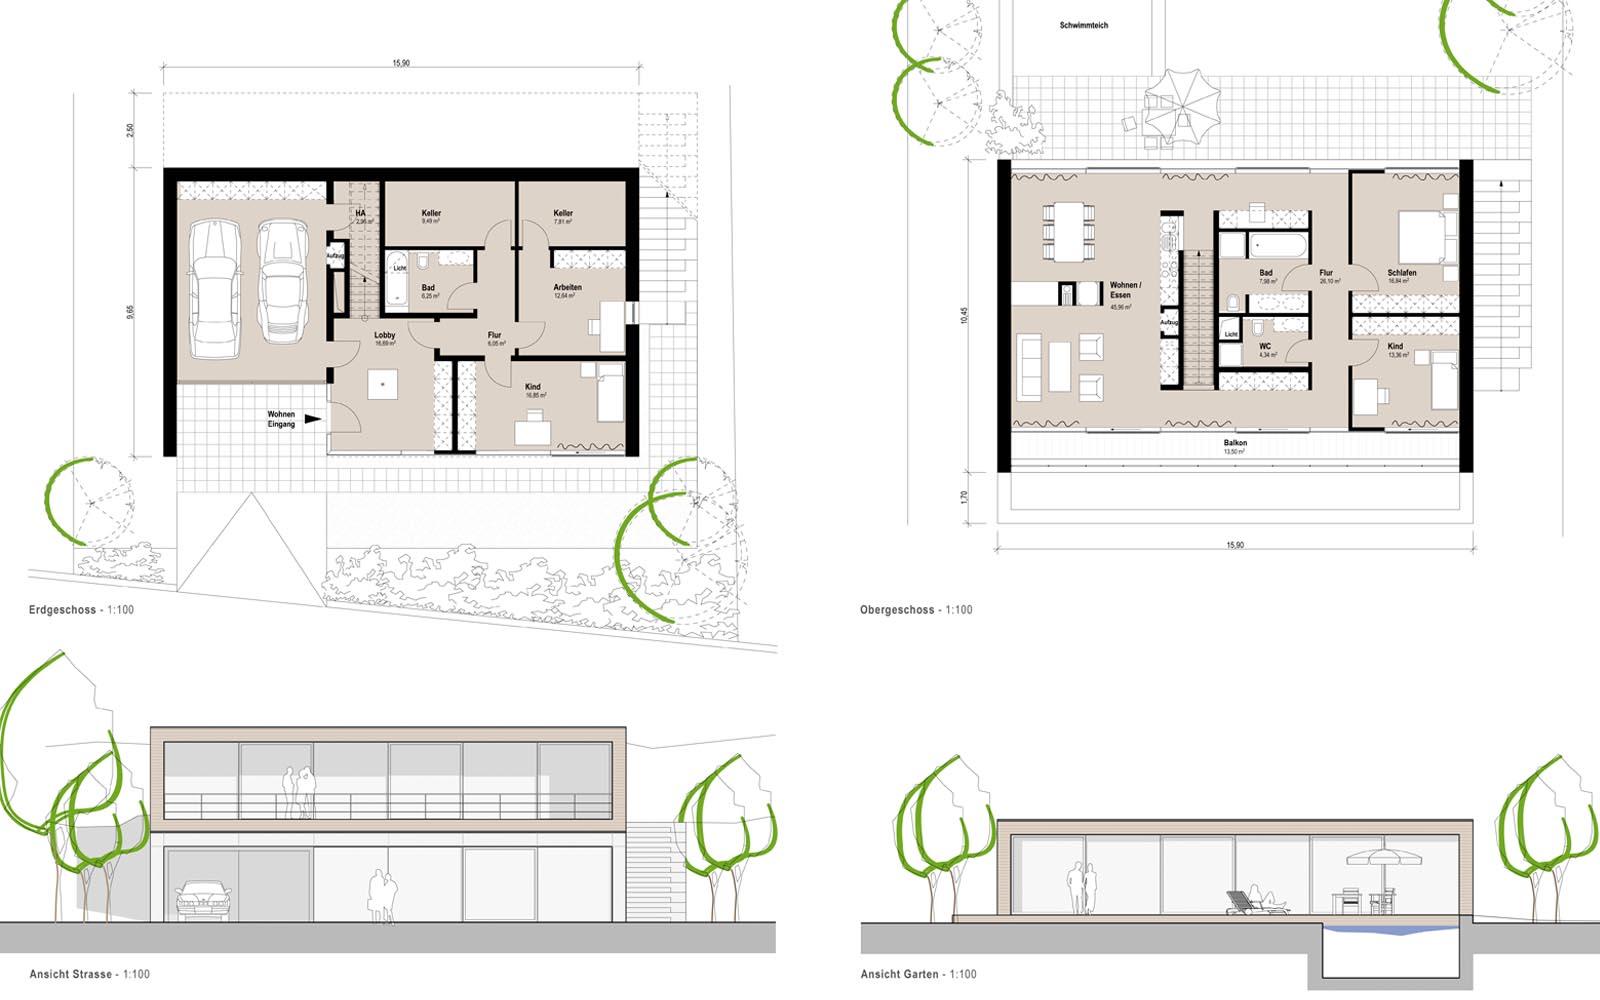 WBW_SteinwegClausArchitekten_Neubau_Einfamilienhaus_Hanglage_Herscheid_Pool_00003